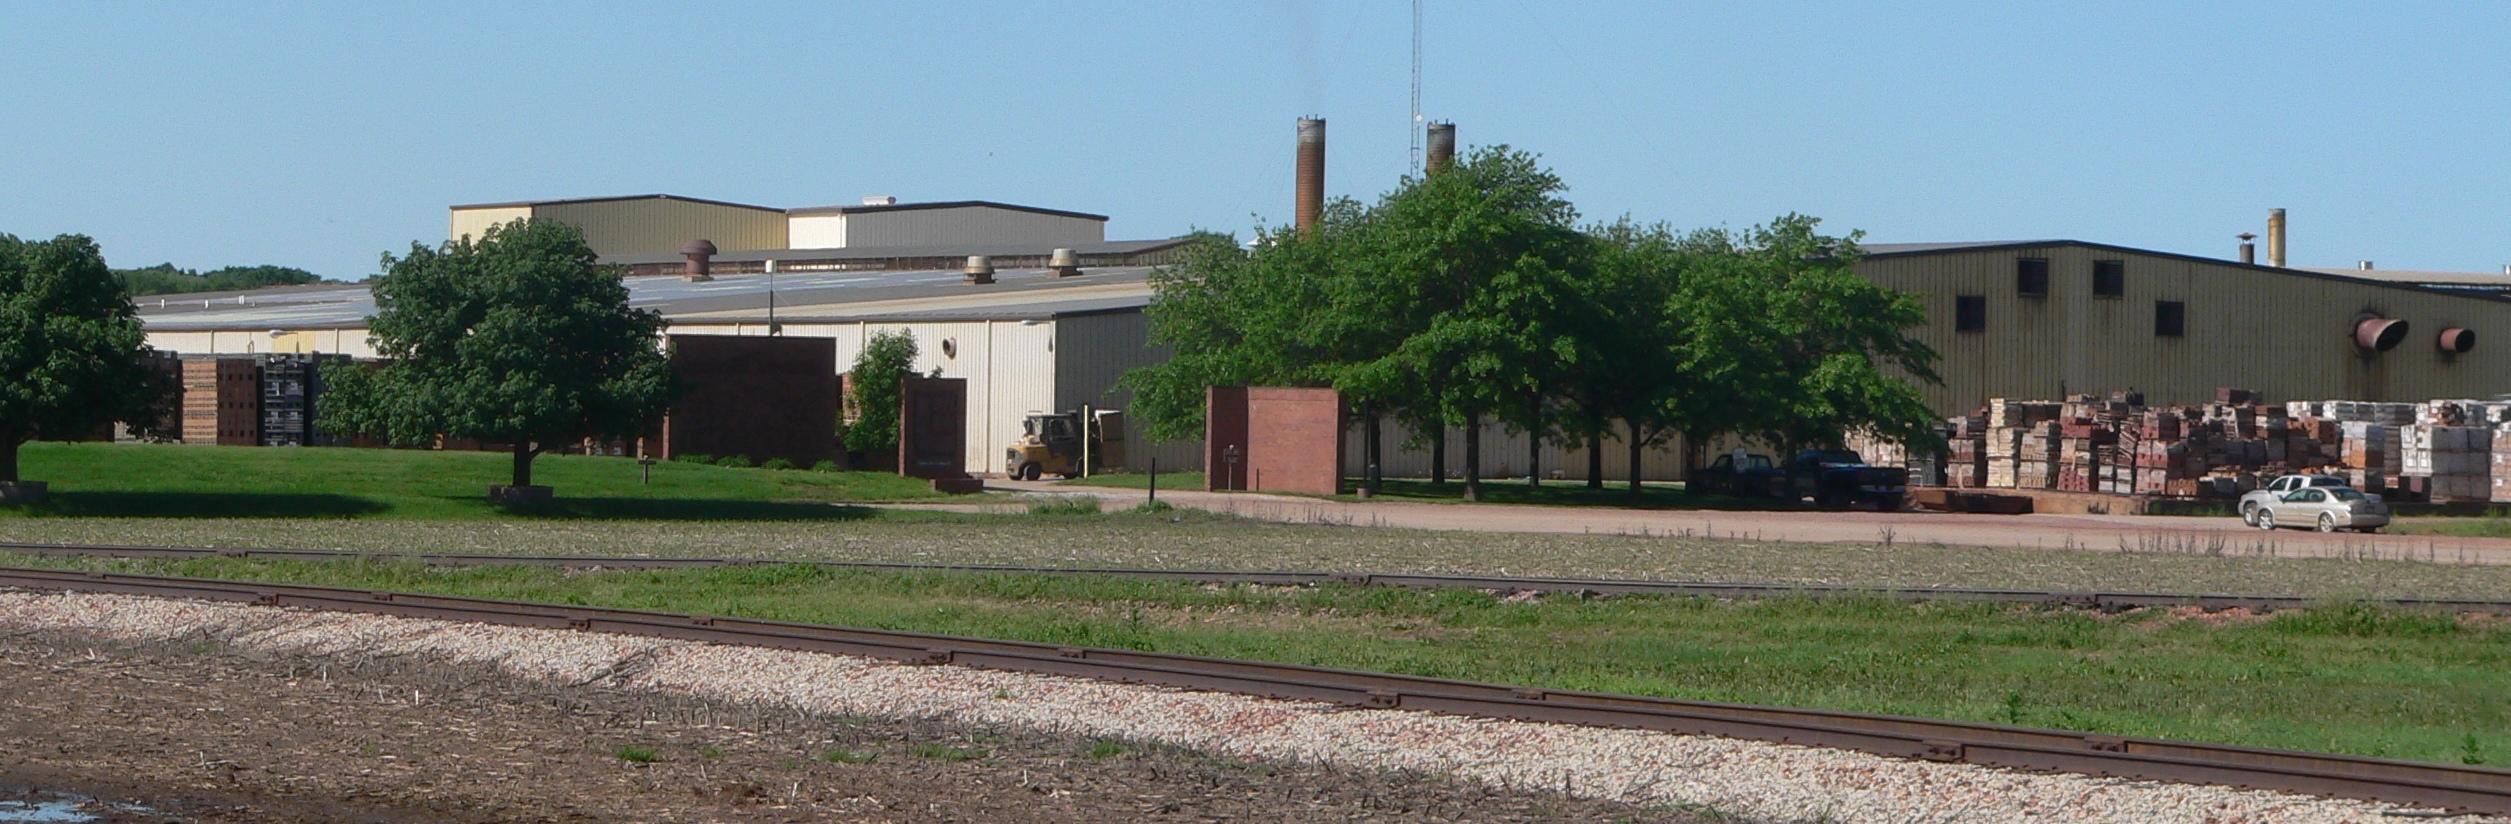 Endicott funeral homes funeral services flowers in nebraska for Nebraska home builders